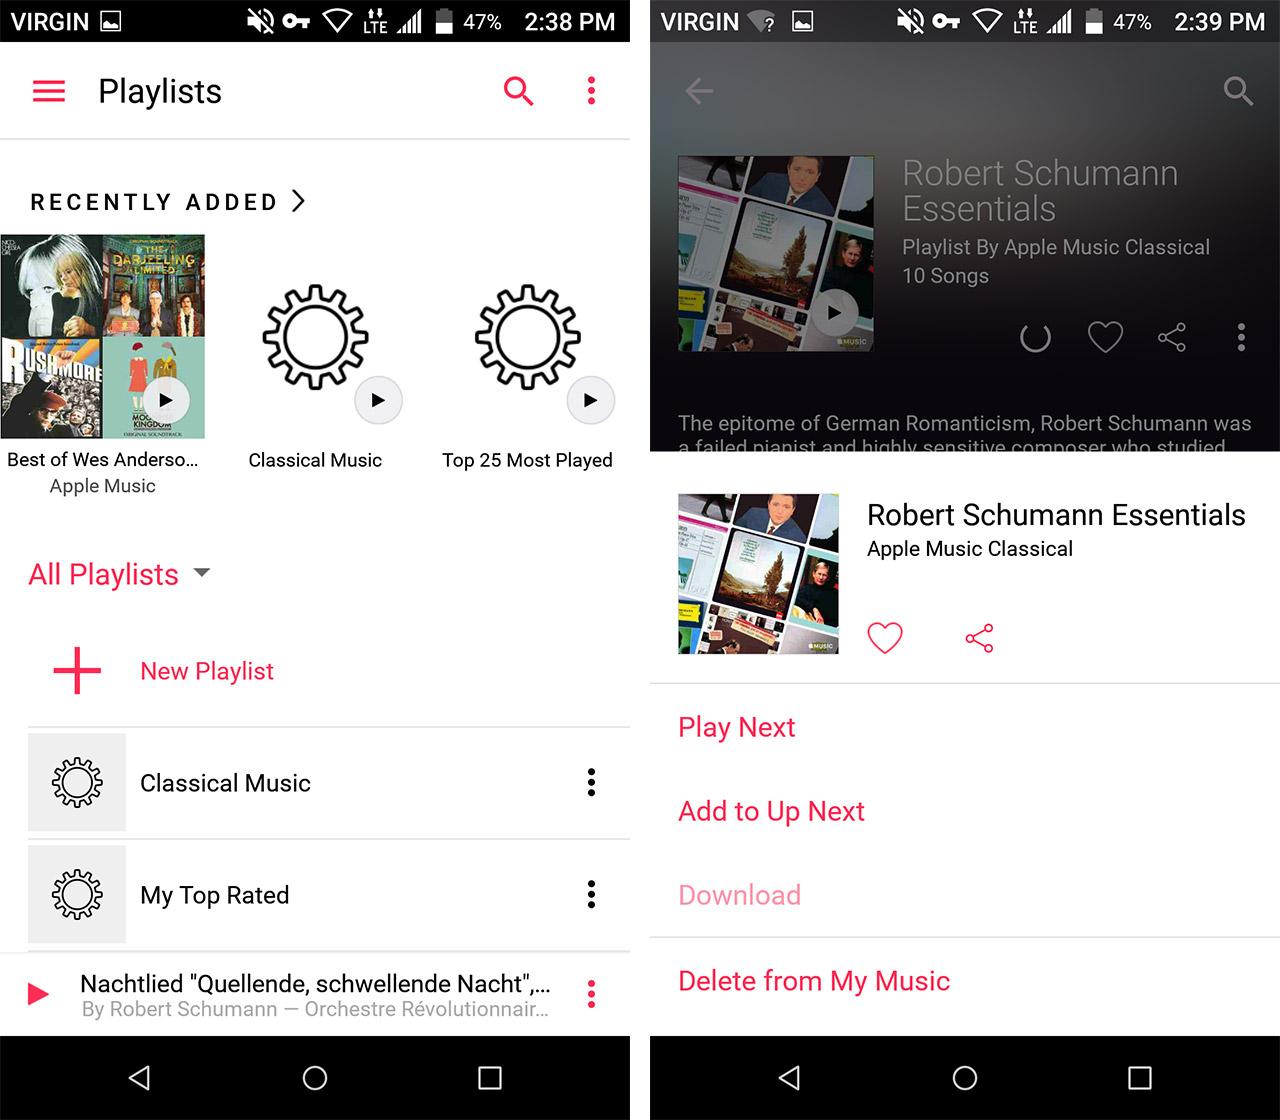 apple music screen shots - save data